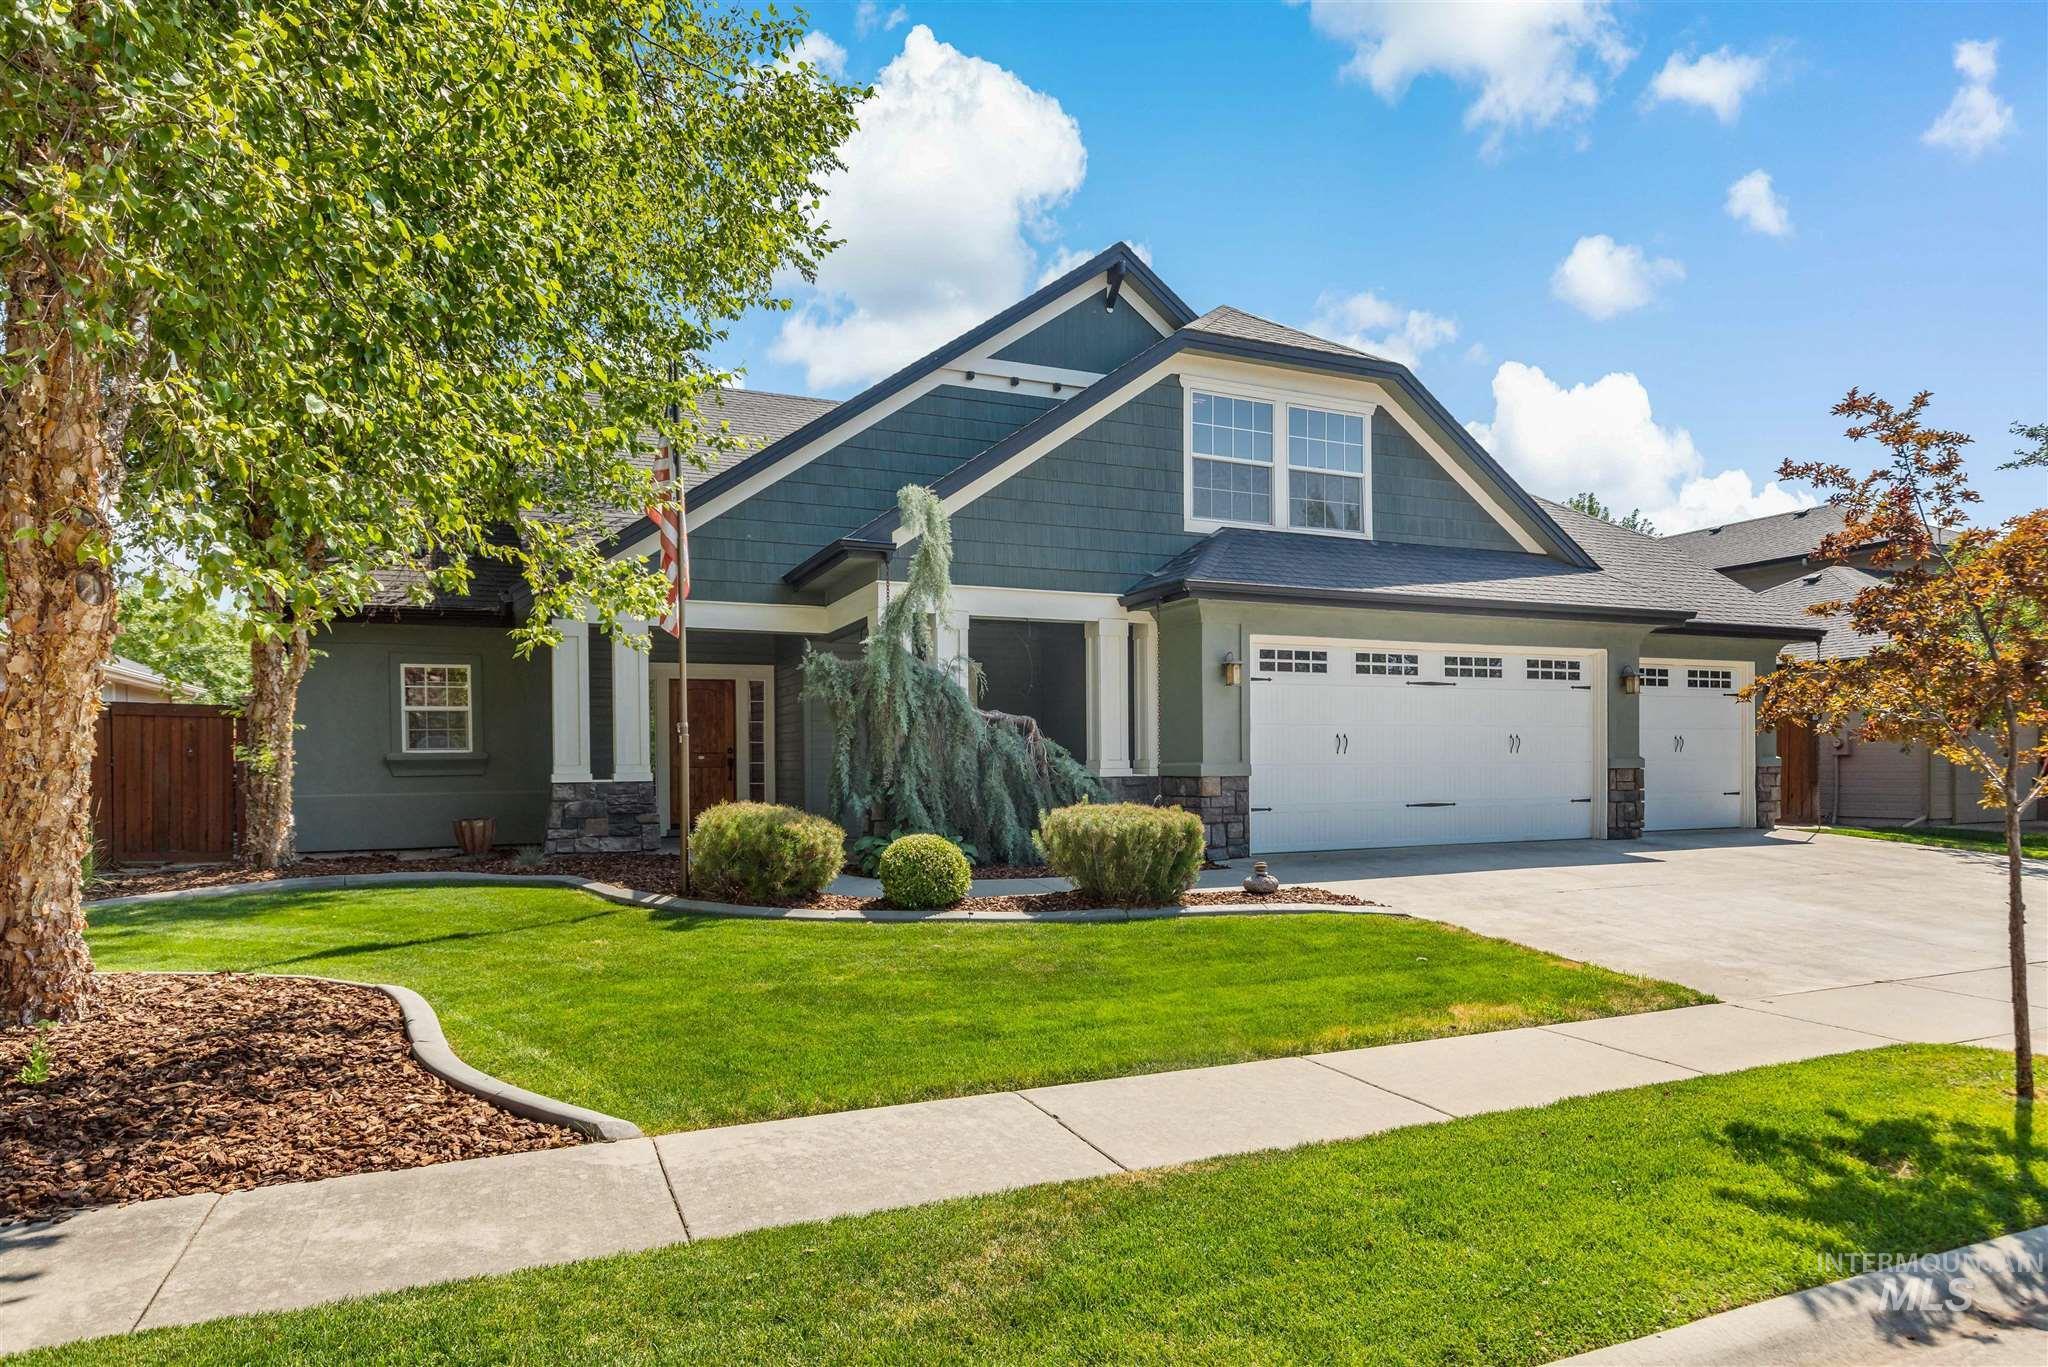 Copper Basin (meridian) Real Estate Listings Main Image